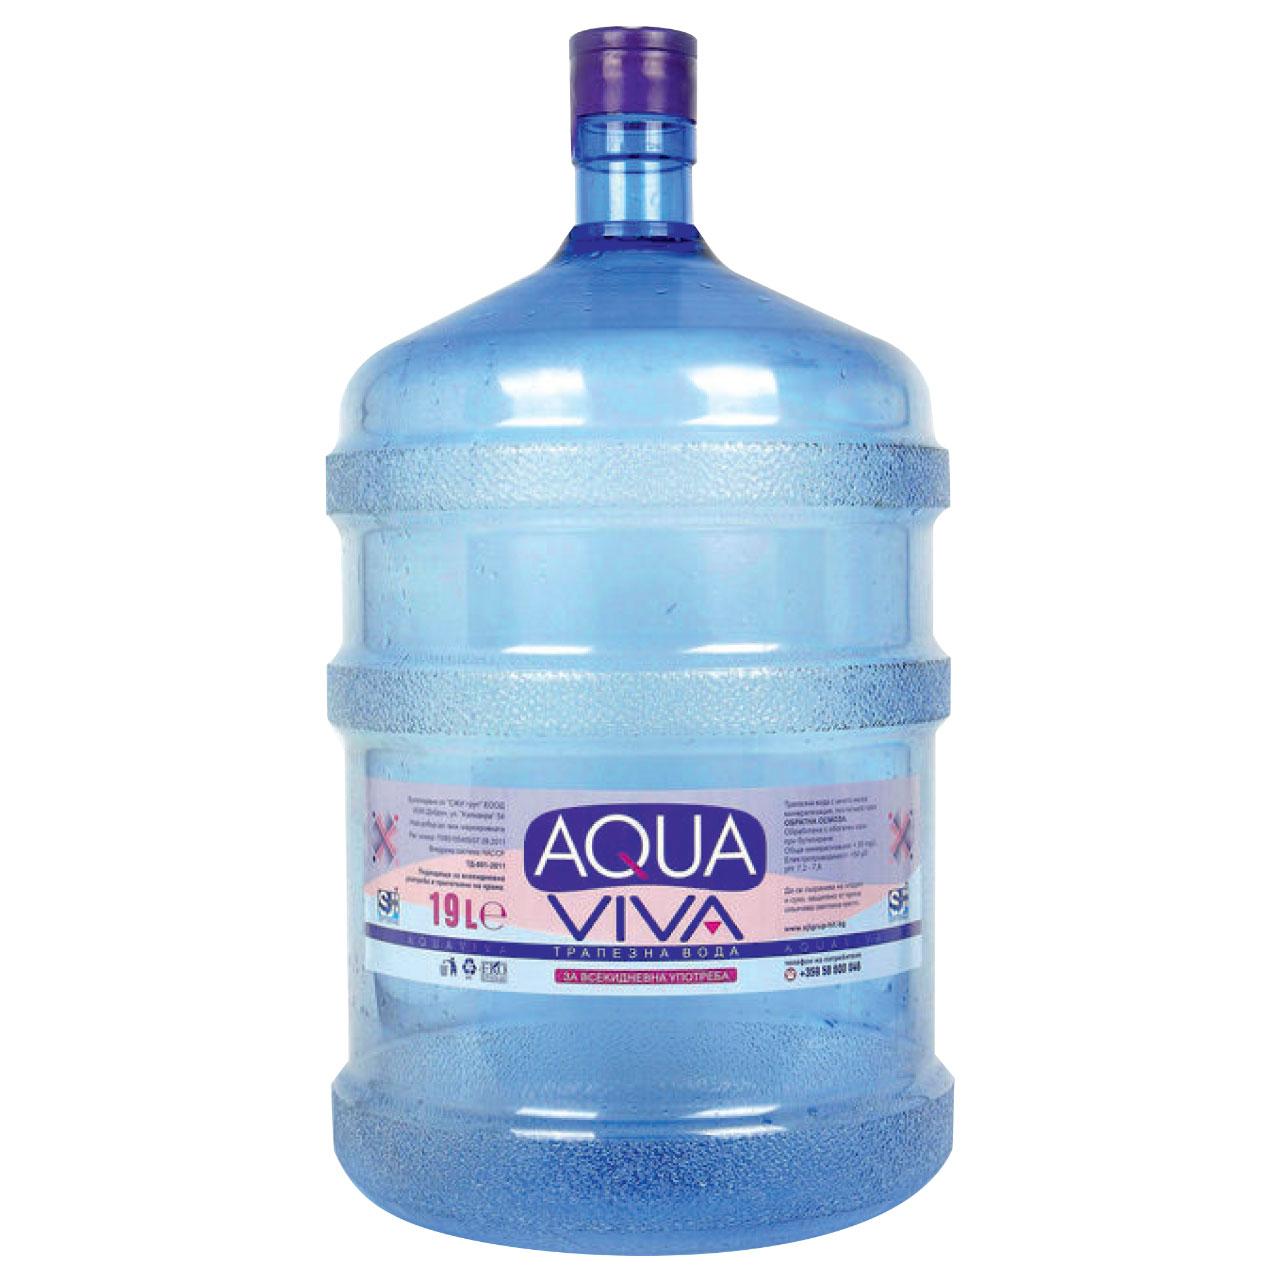 Viva Aqua apă plată 19l aqua viva aqua flux